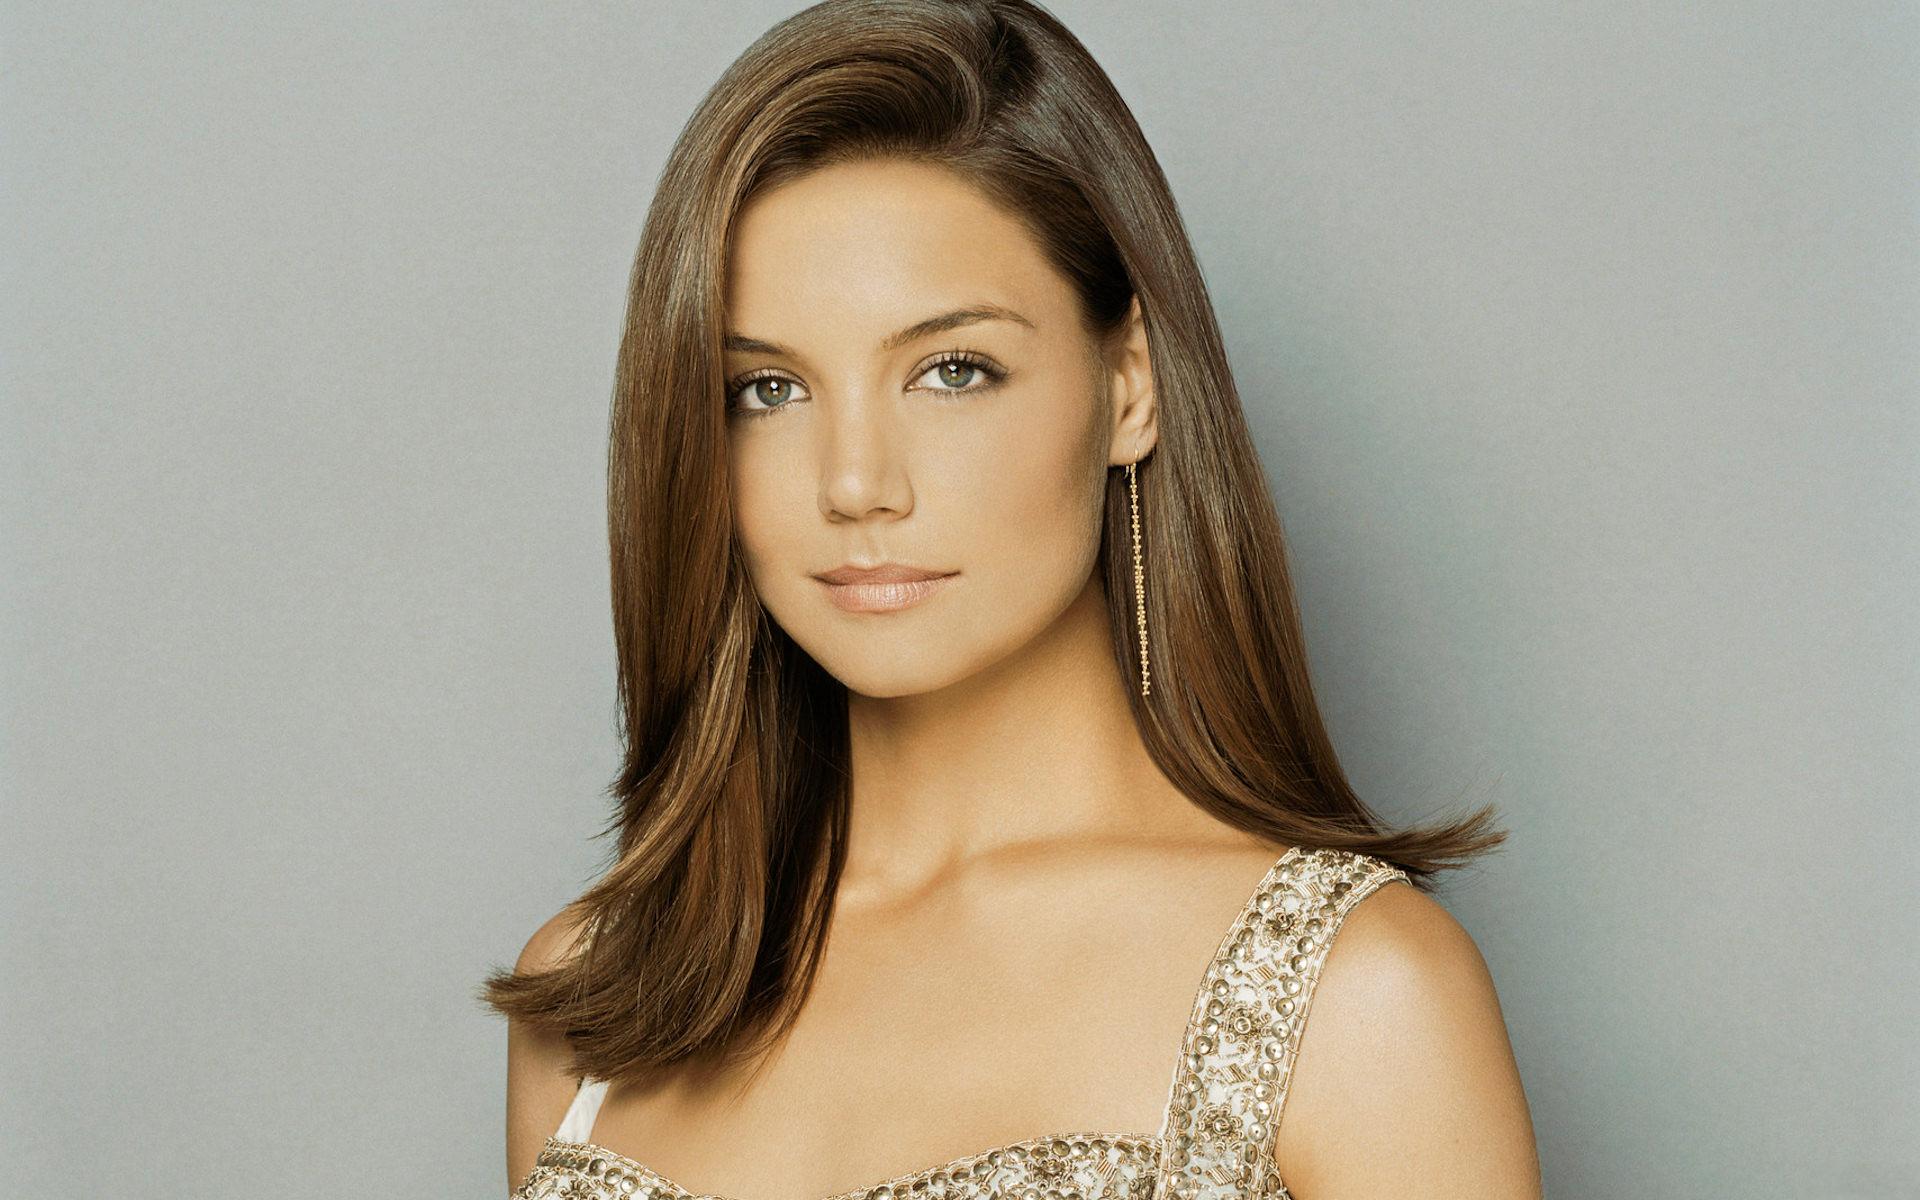 фото красивые девушки 18 голливуда звезды